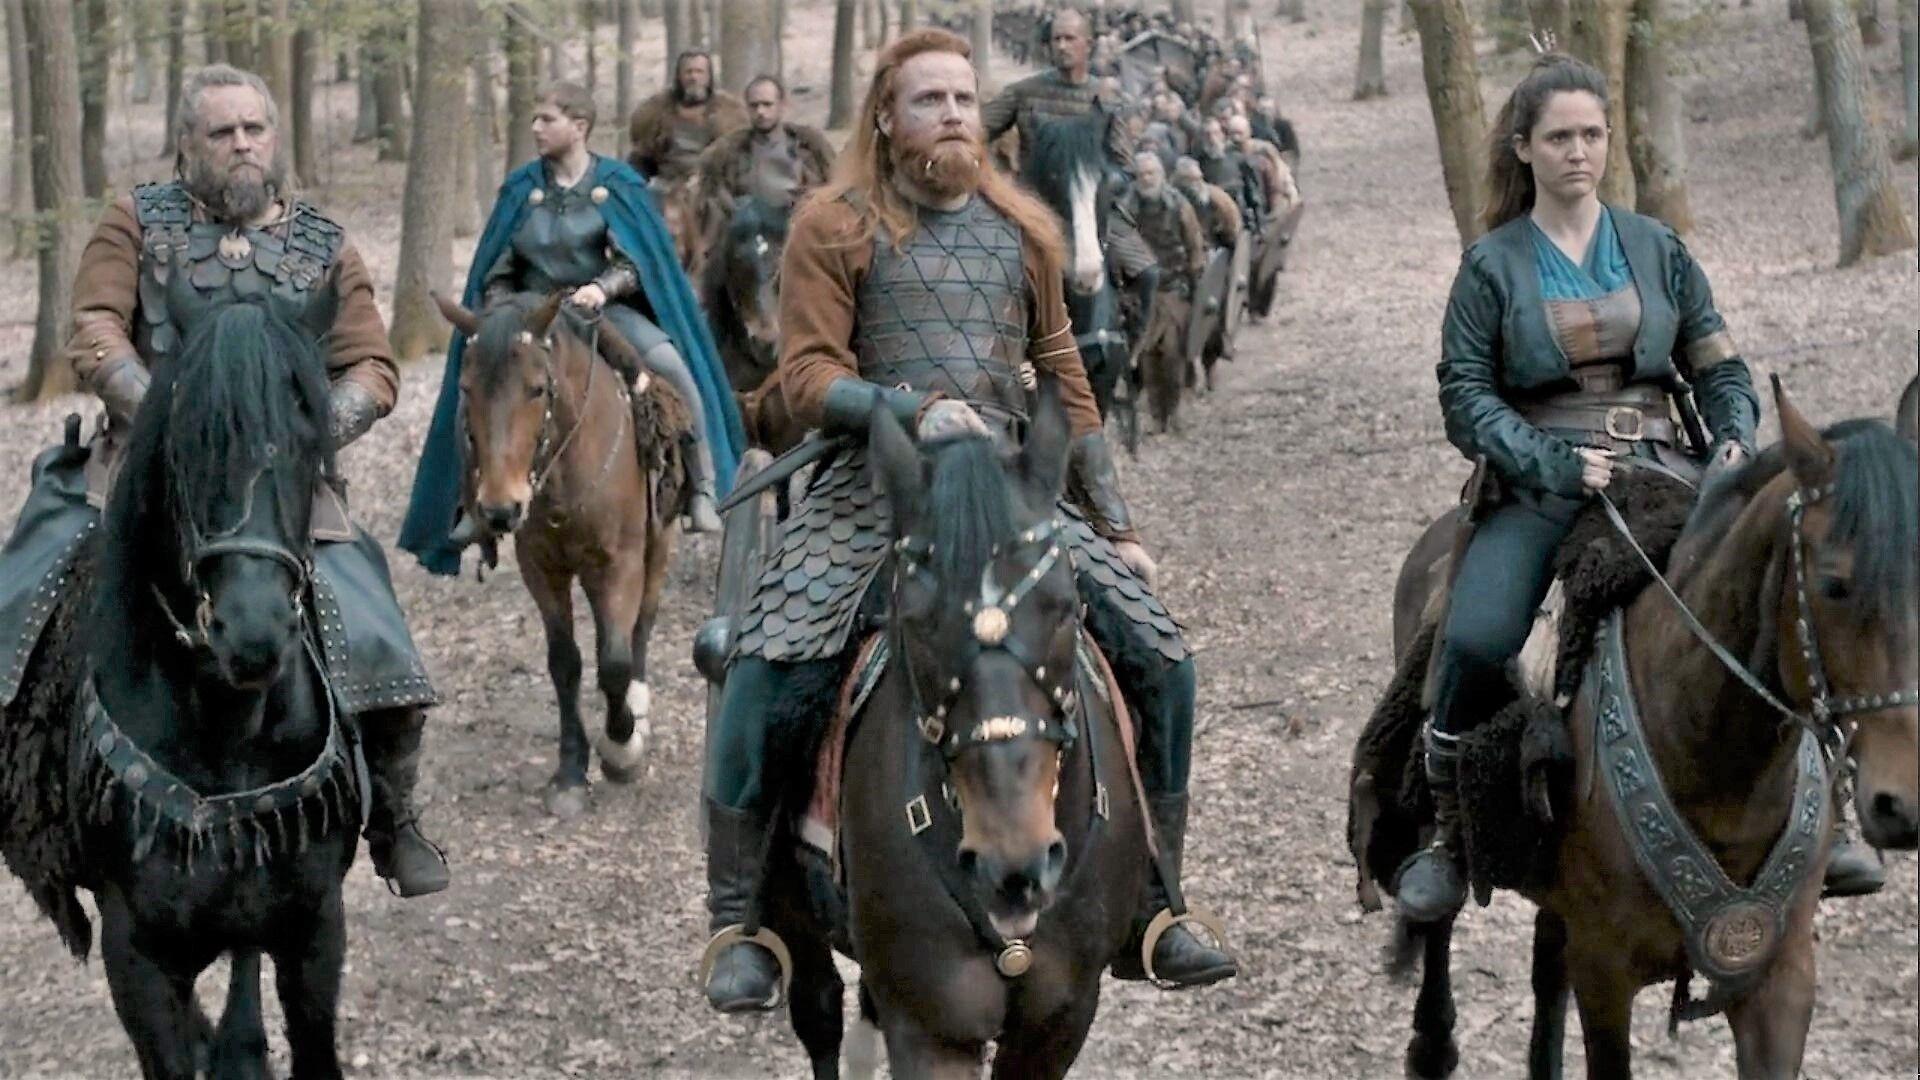 The Last Kingdom has resumed filming on season 4!